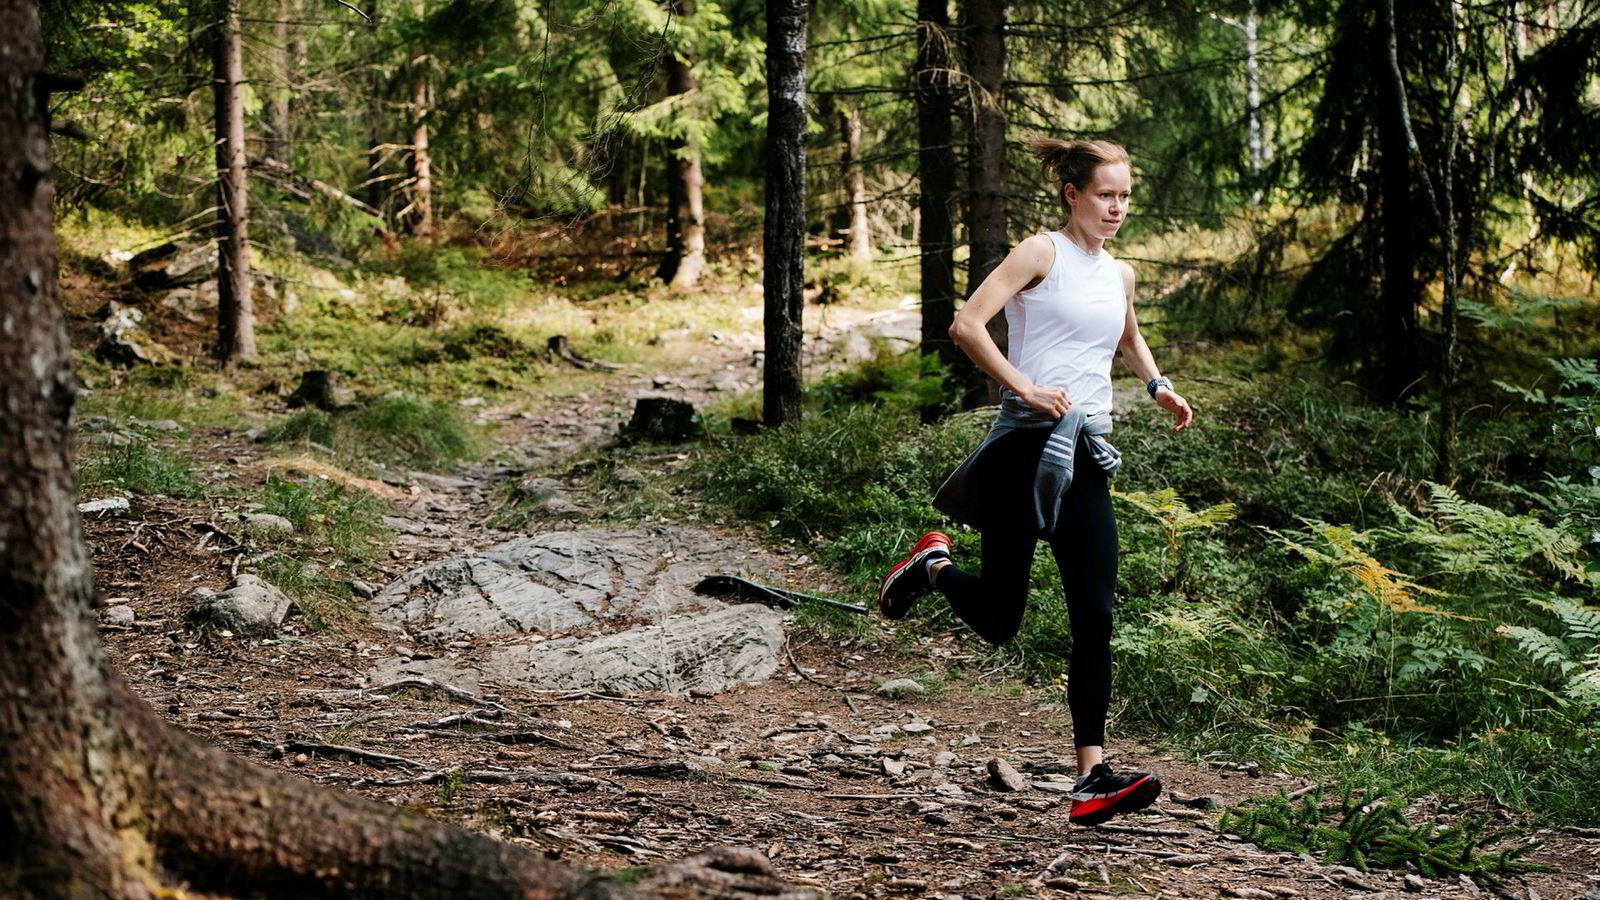 Friidrettsutøver Silje Fjørtoft konkurrerer mest på bane, men løper mye på sti både høst og vår. – Stiene et er et supert underlag for alle løpere, og mye mer skånsomt for kroppen enn løping på hardpakket grus eller asfalt.